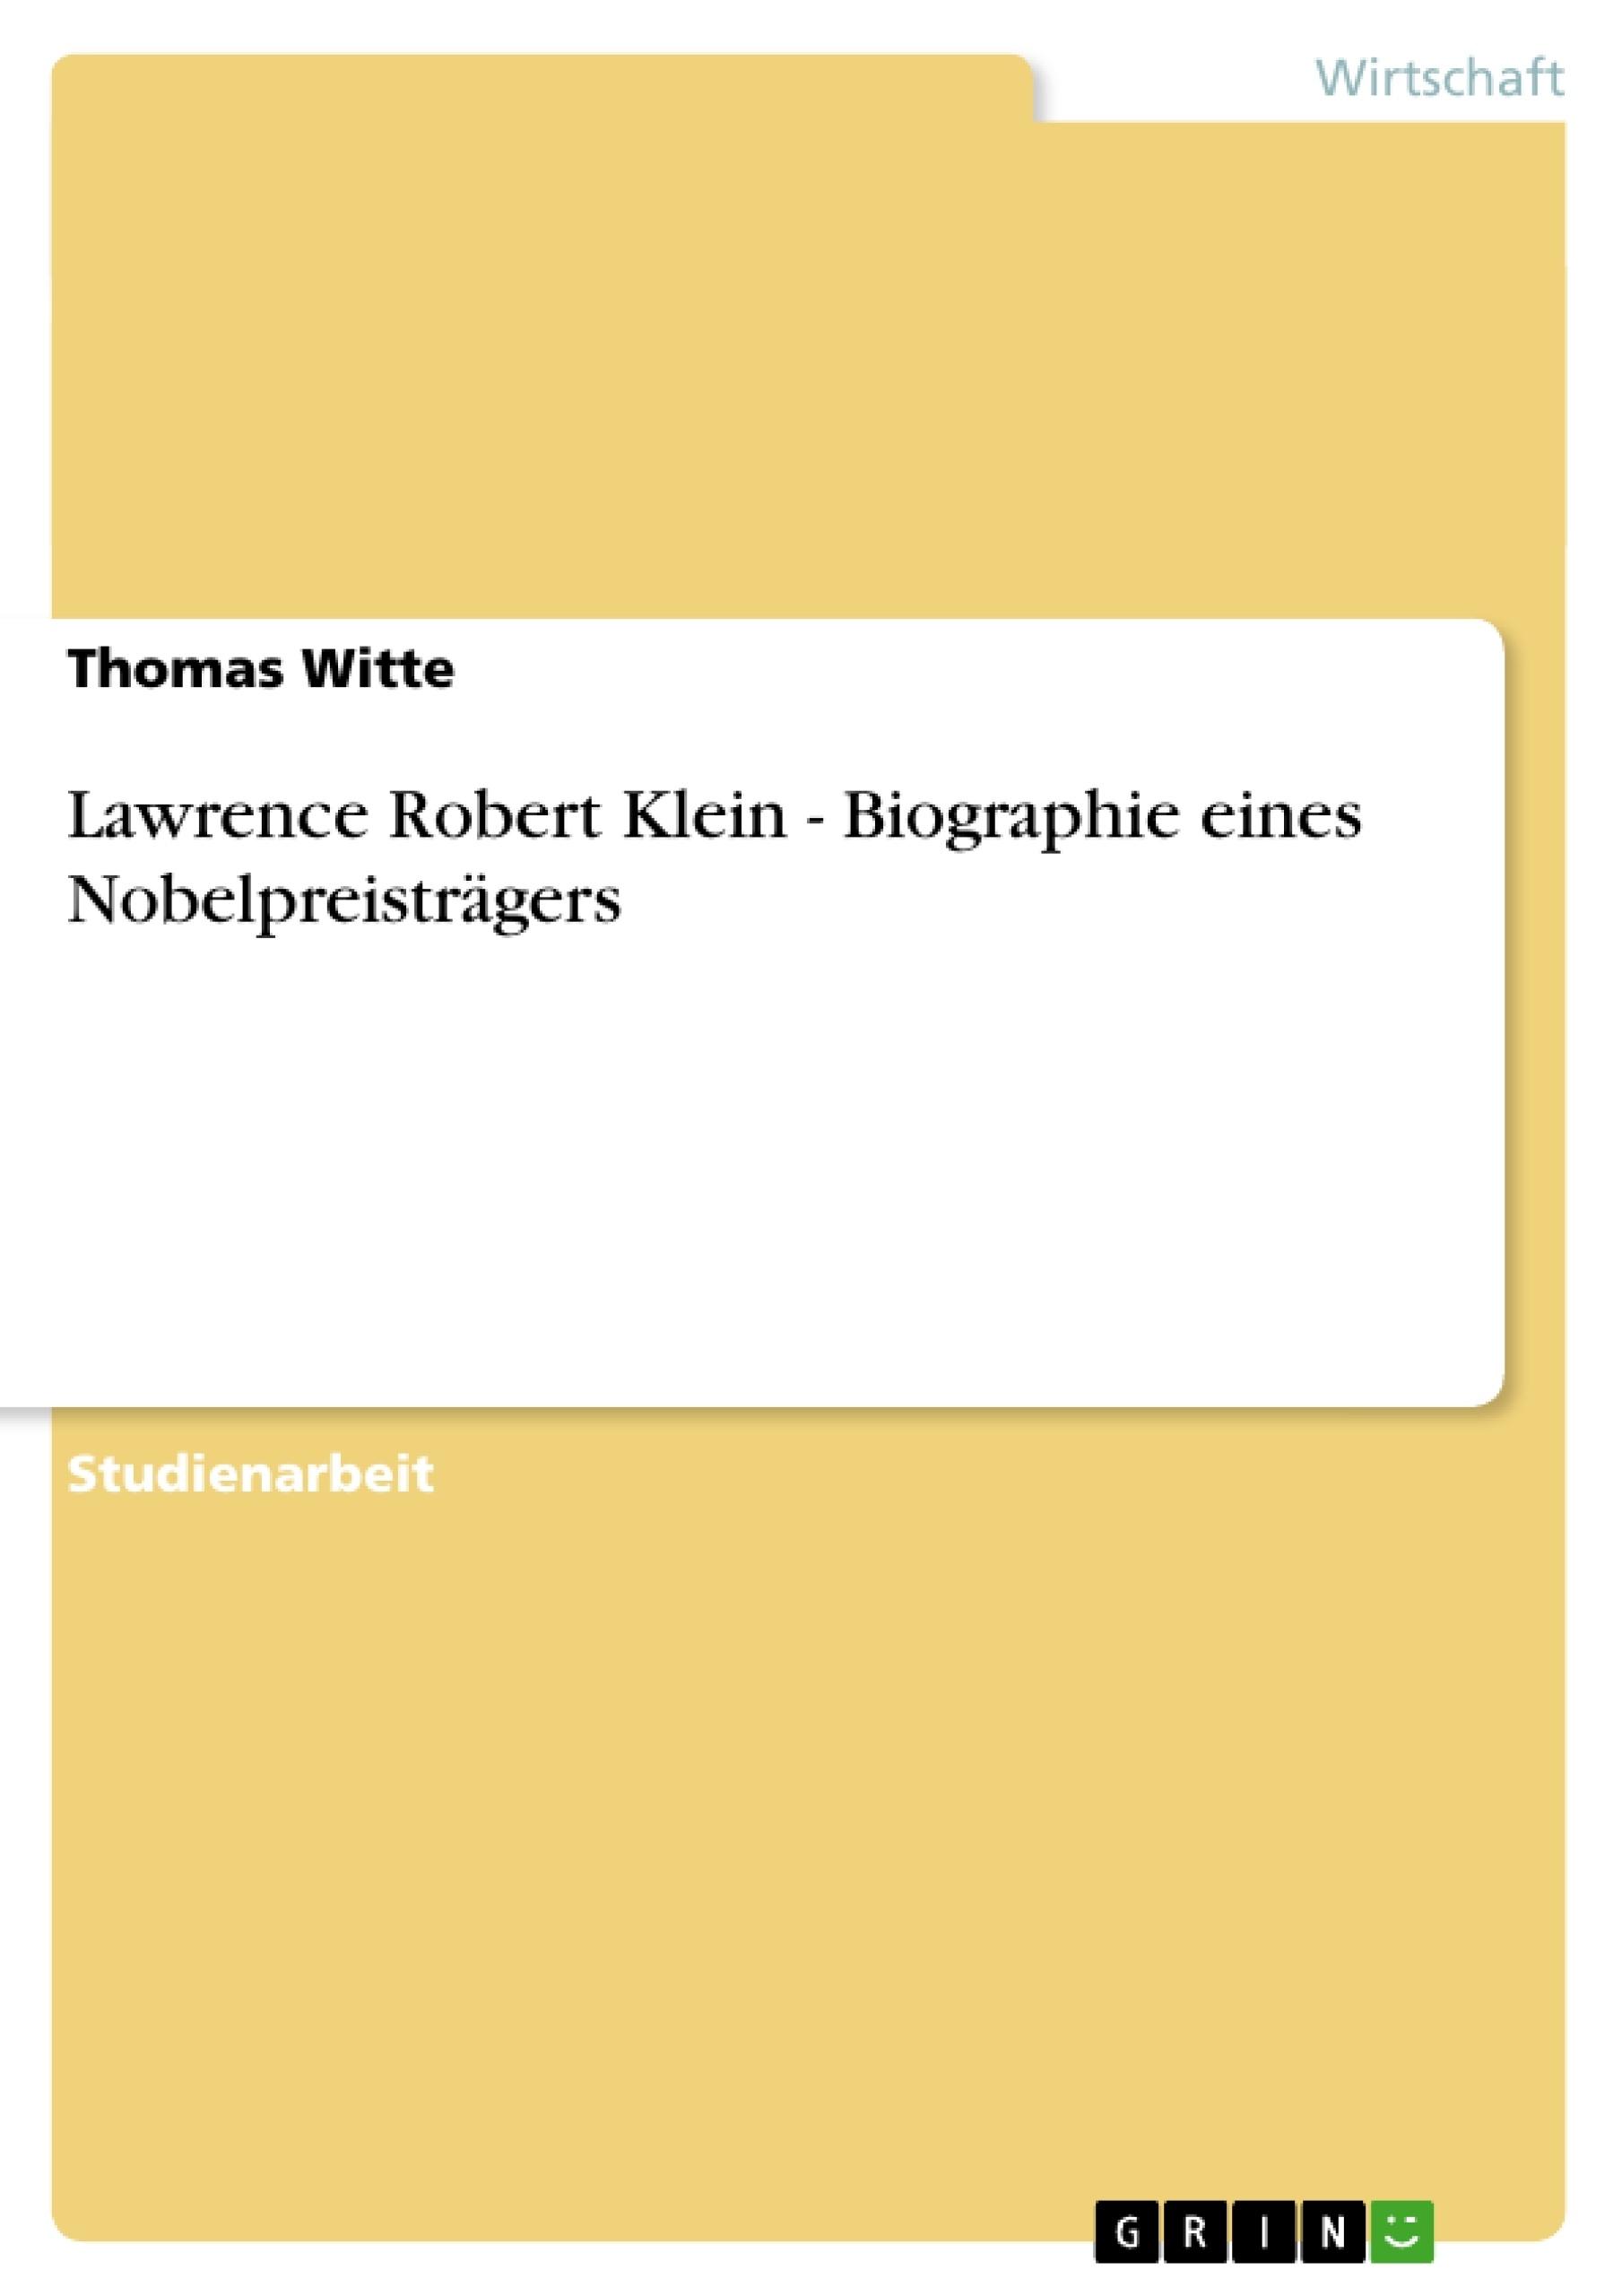 Titel: Lawrence Robert Klein - Biographie eines Nobelpreisträgers